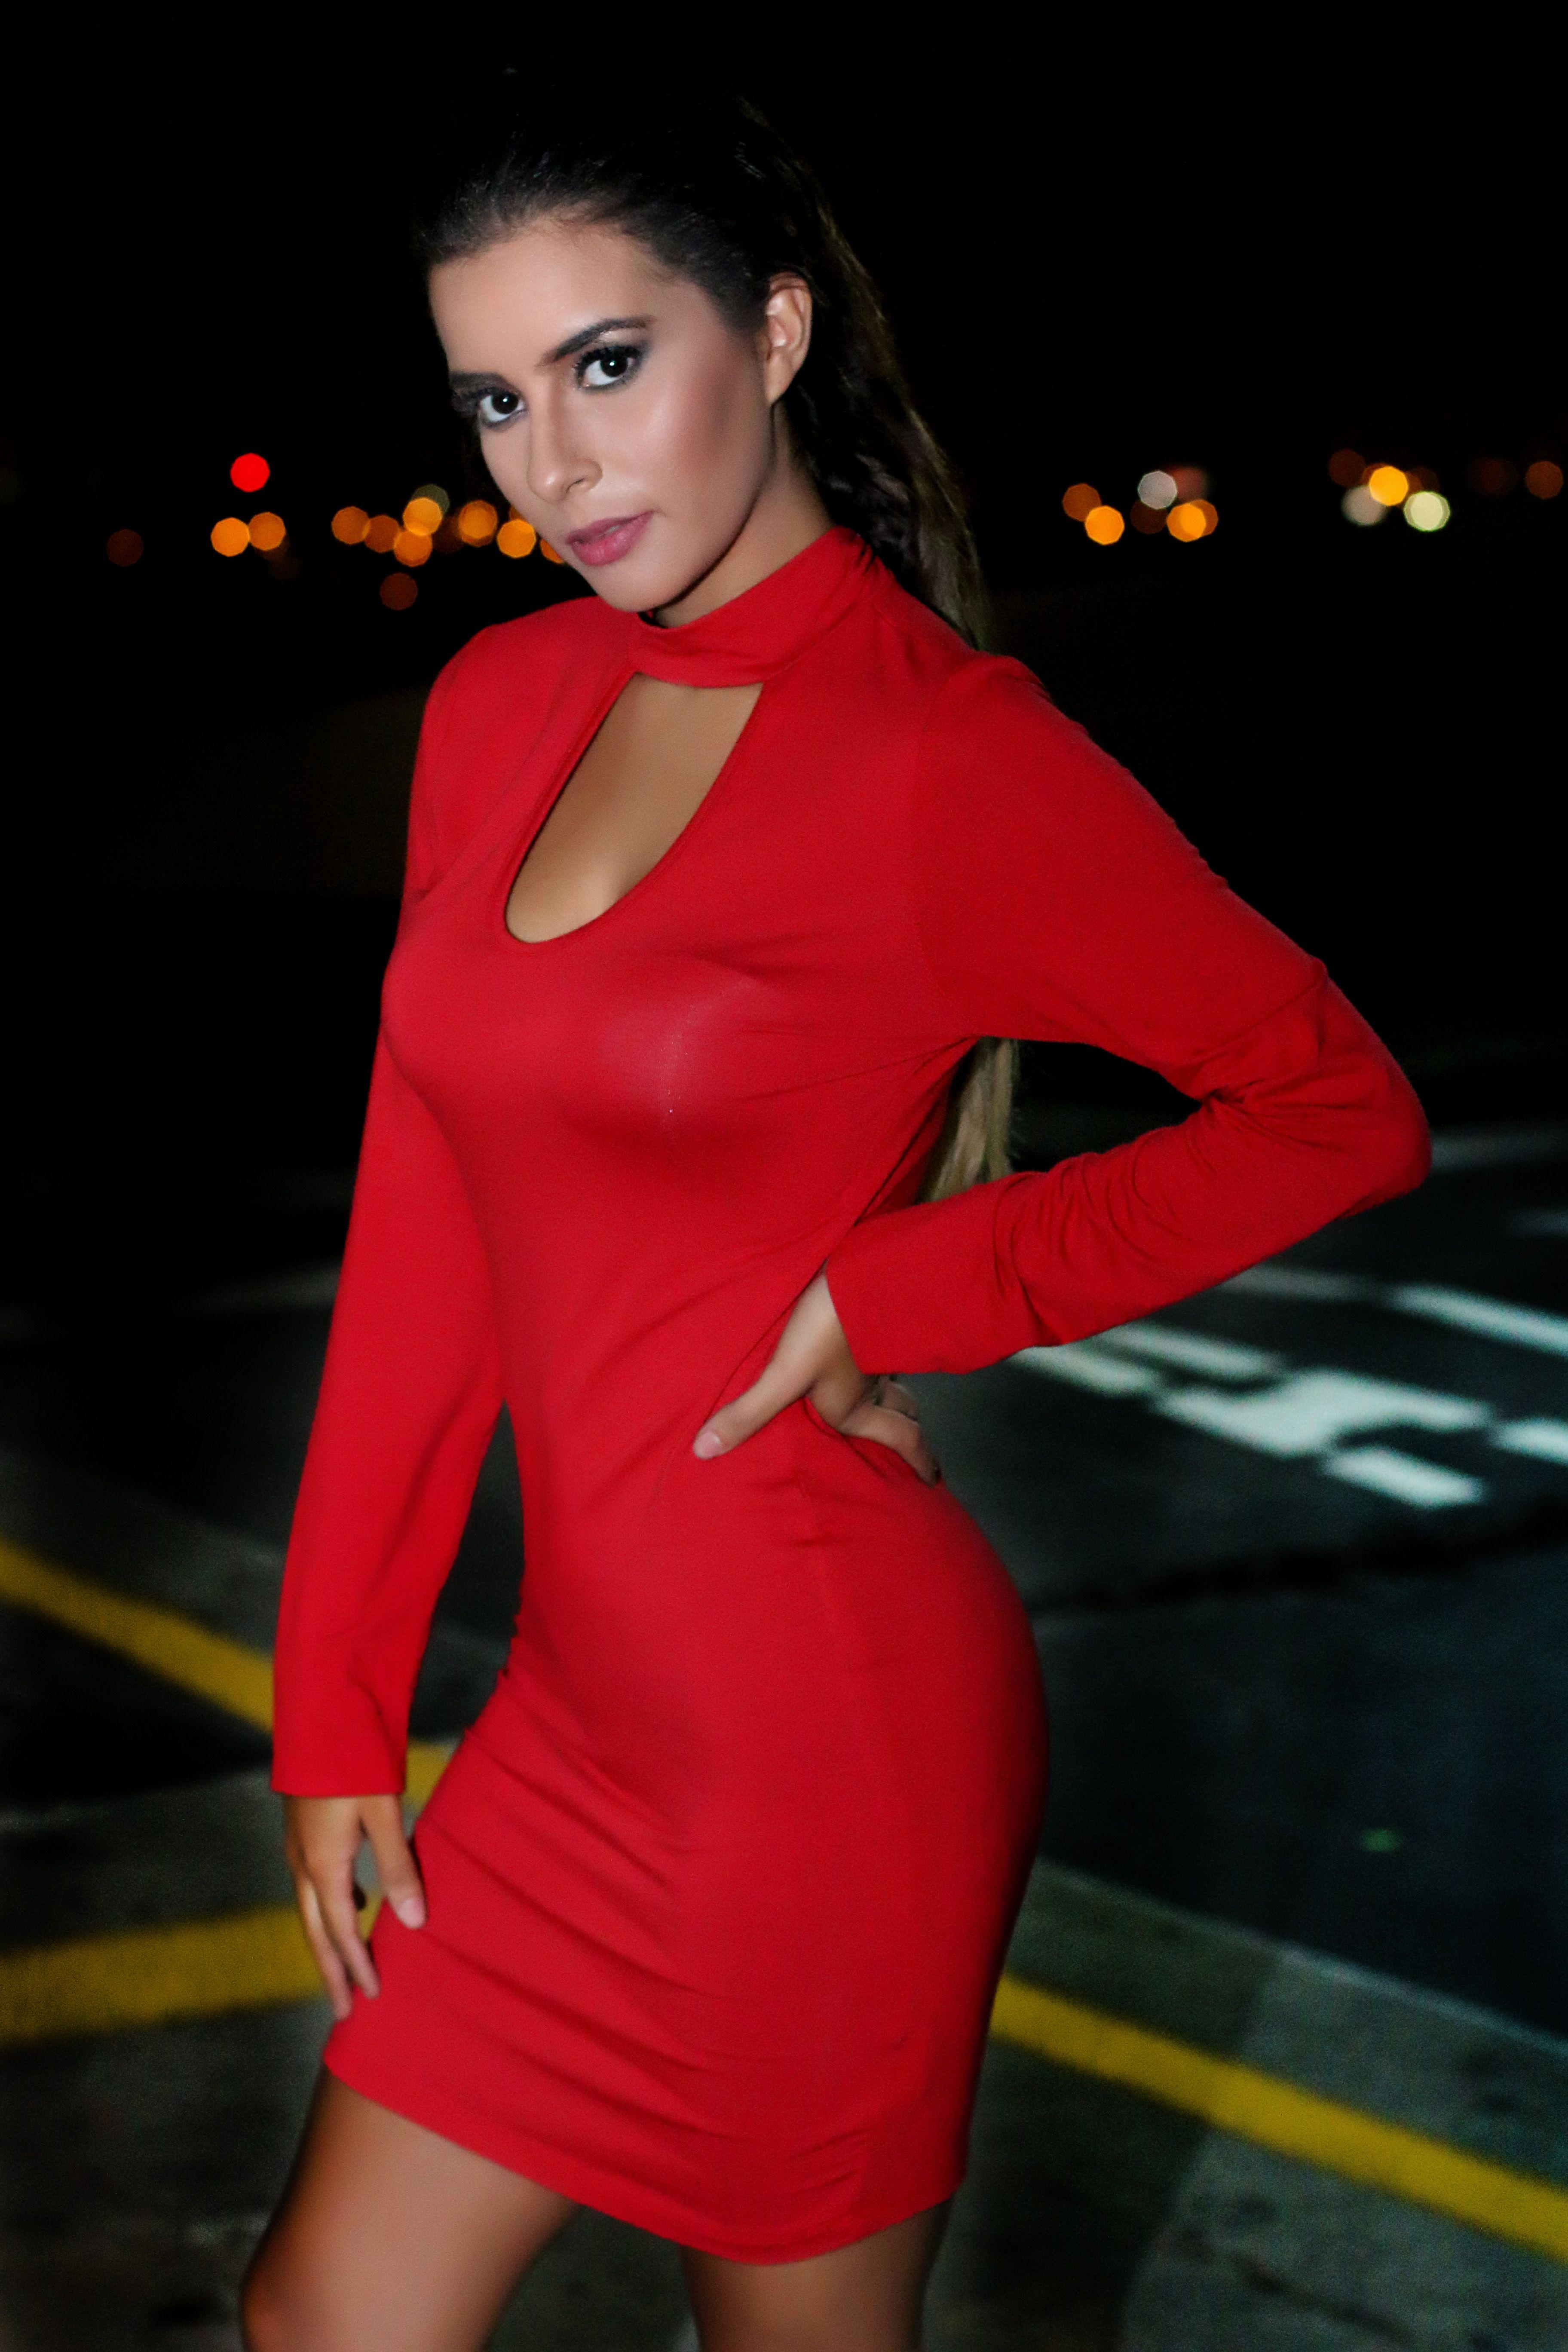 Imagenes de vestidos rojos pegados